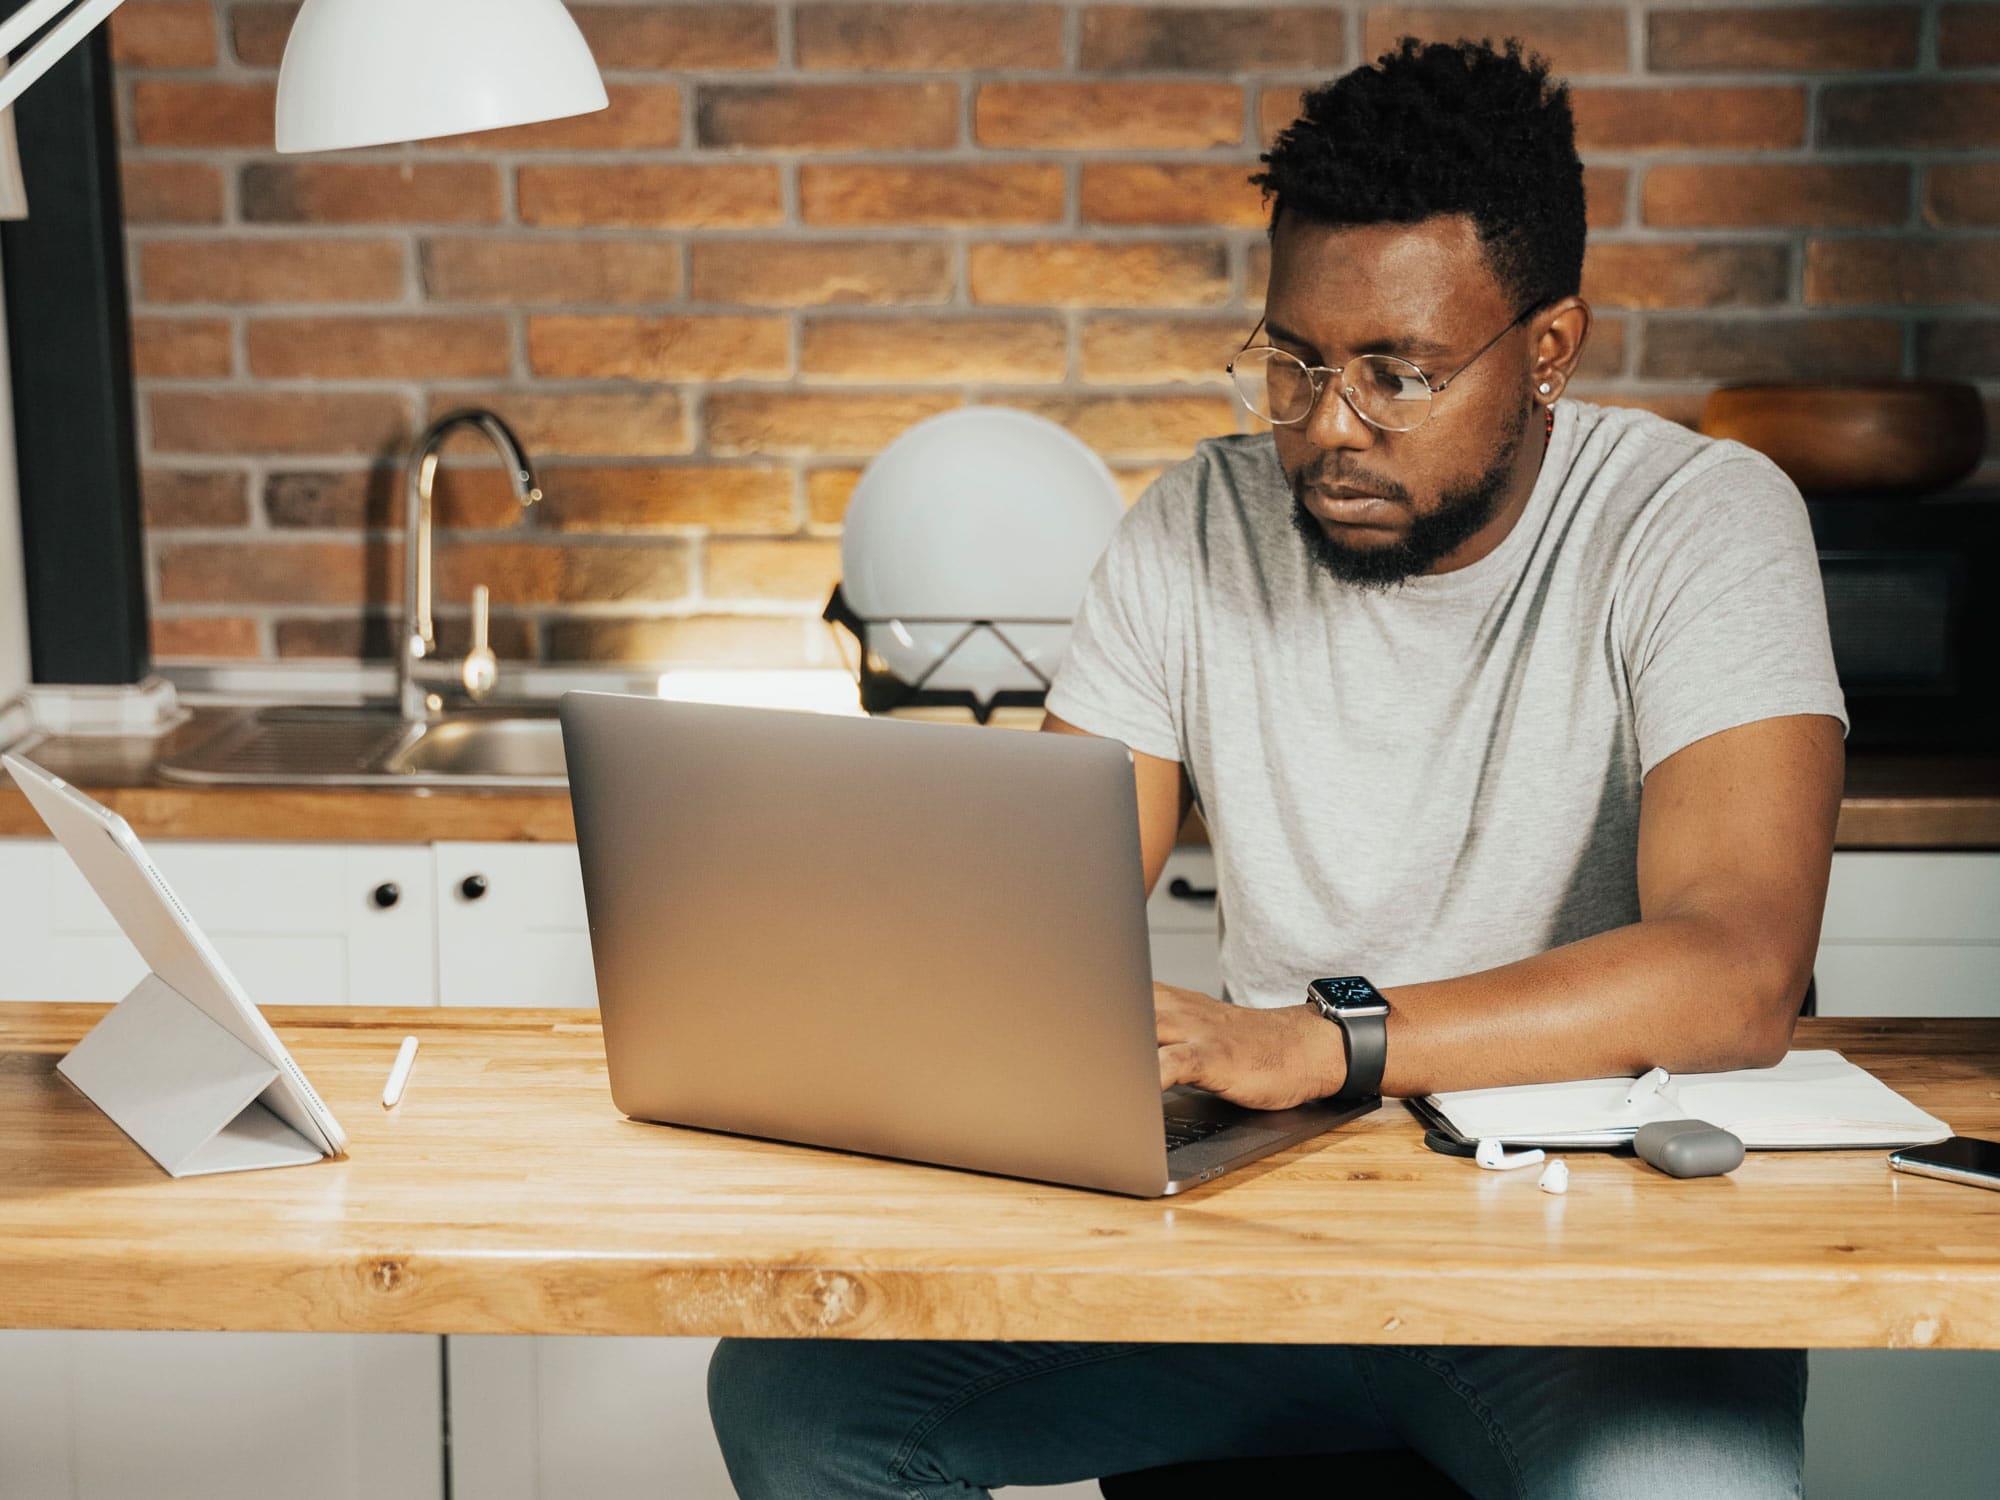 Mann_im_Home-Office - vor_ihm _steht _ein _Laptop _auf _dem _Schreibtisch